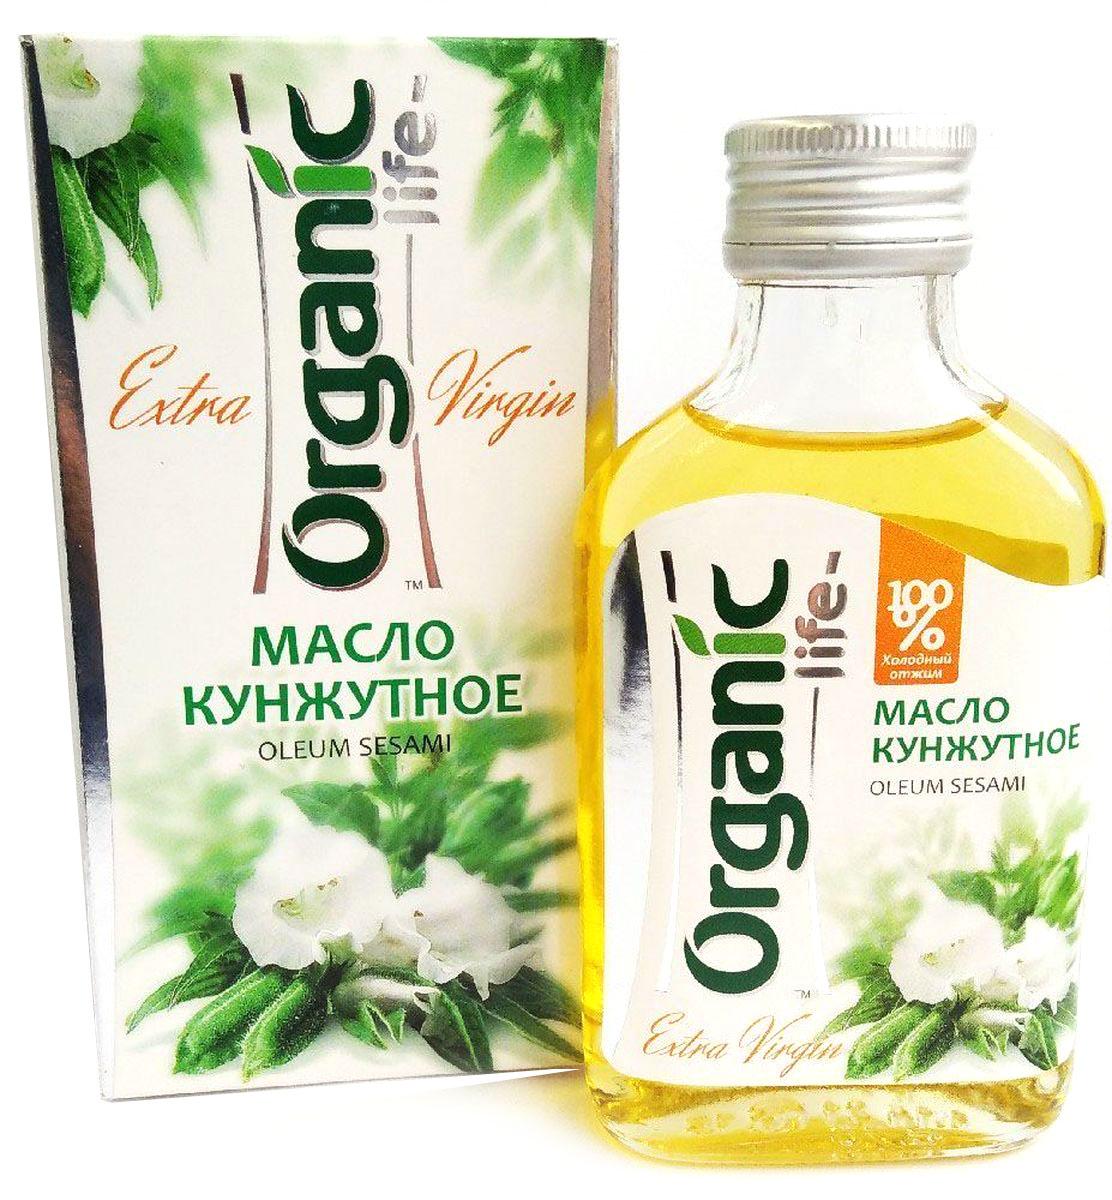 Organic Life масло кунжутное, 100 мл0120710Кунжутное масло – продукт здорового питания с идеальным балансом жирных кислот – олеиновой и линолевой, – что способствует снижению уровня холестерина и поддержанию защитных сил организма. Уникальная особенность кунжутного масла - наличие сезамола, природного антиоксиданта, который поддерживает молодость клеток, участвует в кислородном обмене и укрепляет иммунитет. Сезамол способствует защите от вредного воздействия ультрафиолета, если нанести масло кунжута на кожу во время солнечных ванн. Гармоничное сочетание полезных компонентов в составе масла кунжута благотворно влияет на состояние сердечно сосудистой системы. В кулинарии масло кунжута используется для заправки салатов и готовых блюд, придавая им оригинальный вкус и неповторимый аромат. Способ применения: по 1 ч.л. 2-3 раза 8 дней.